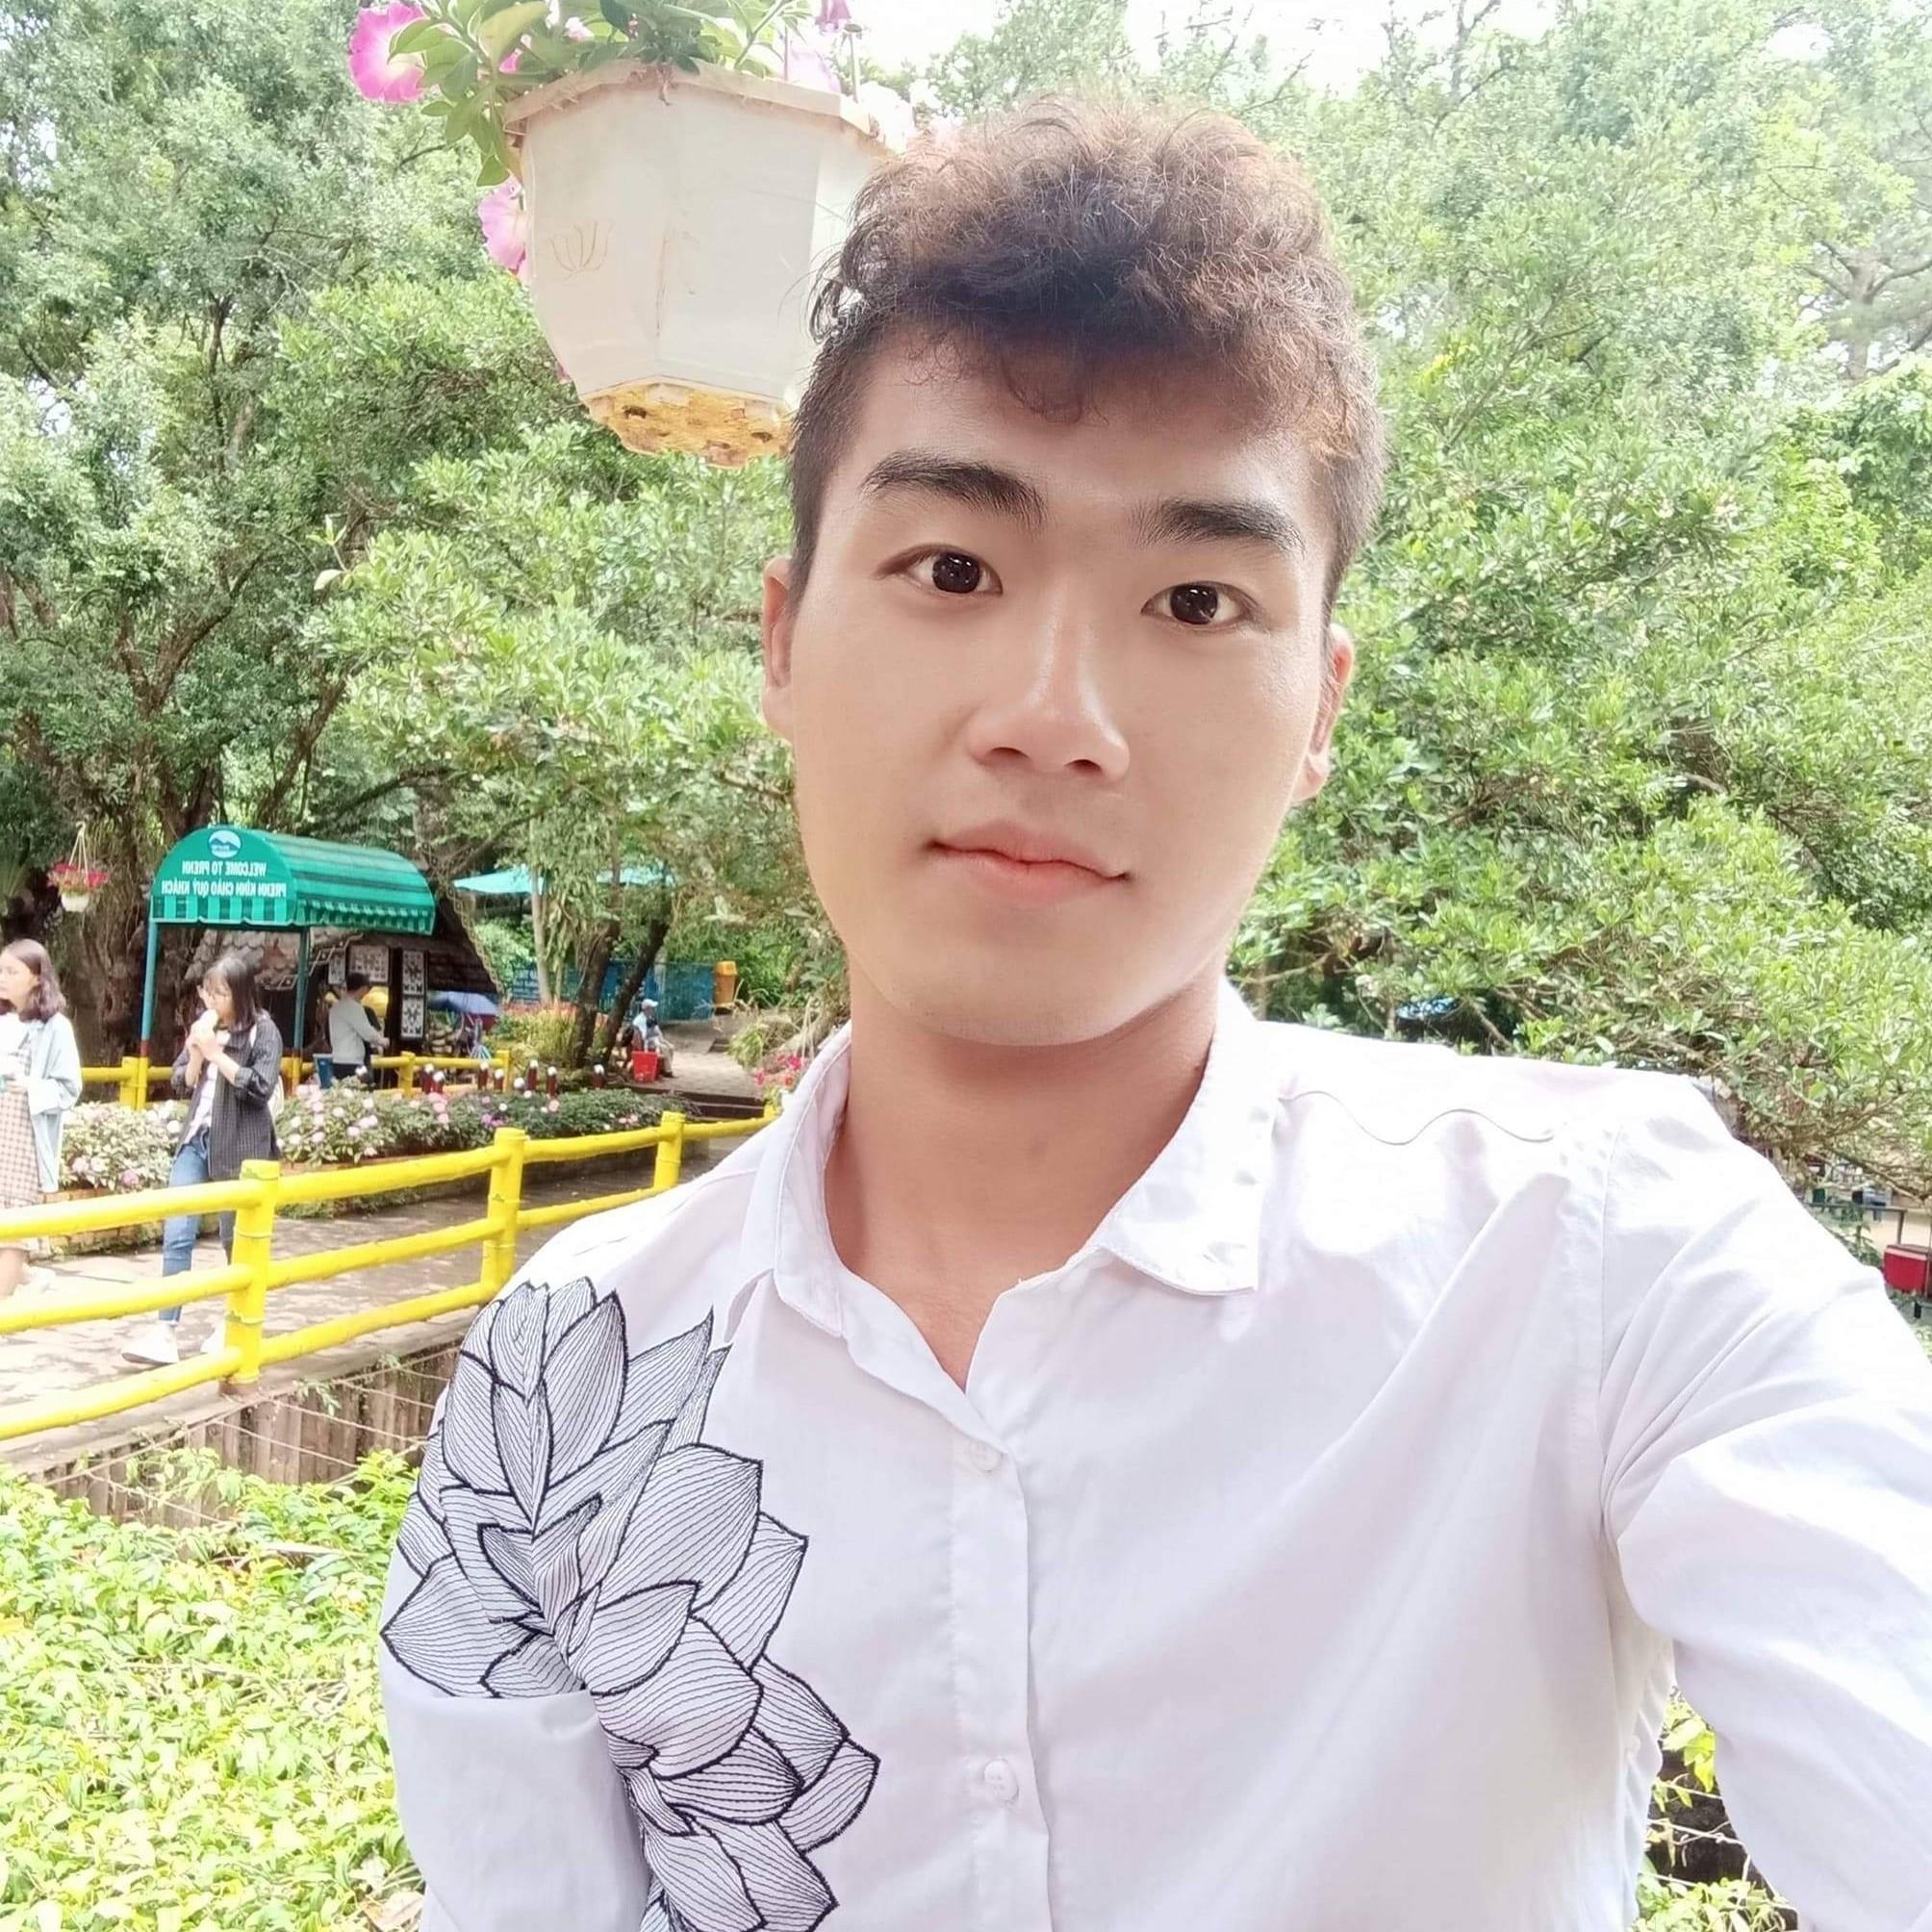 Nguyễn Toàn Trung Giang